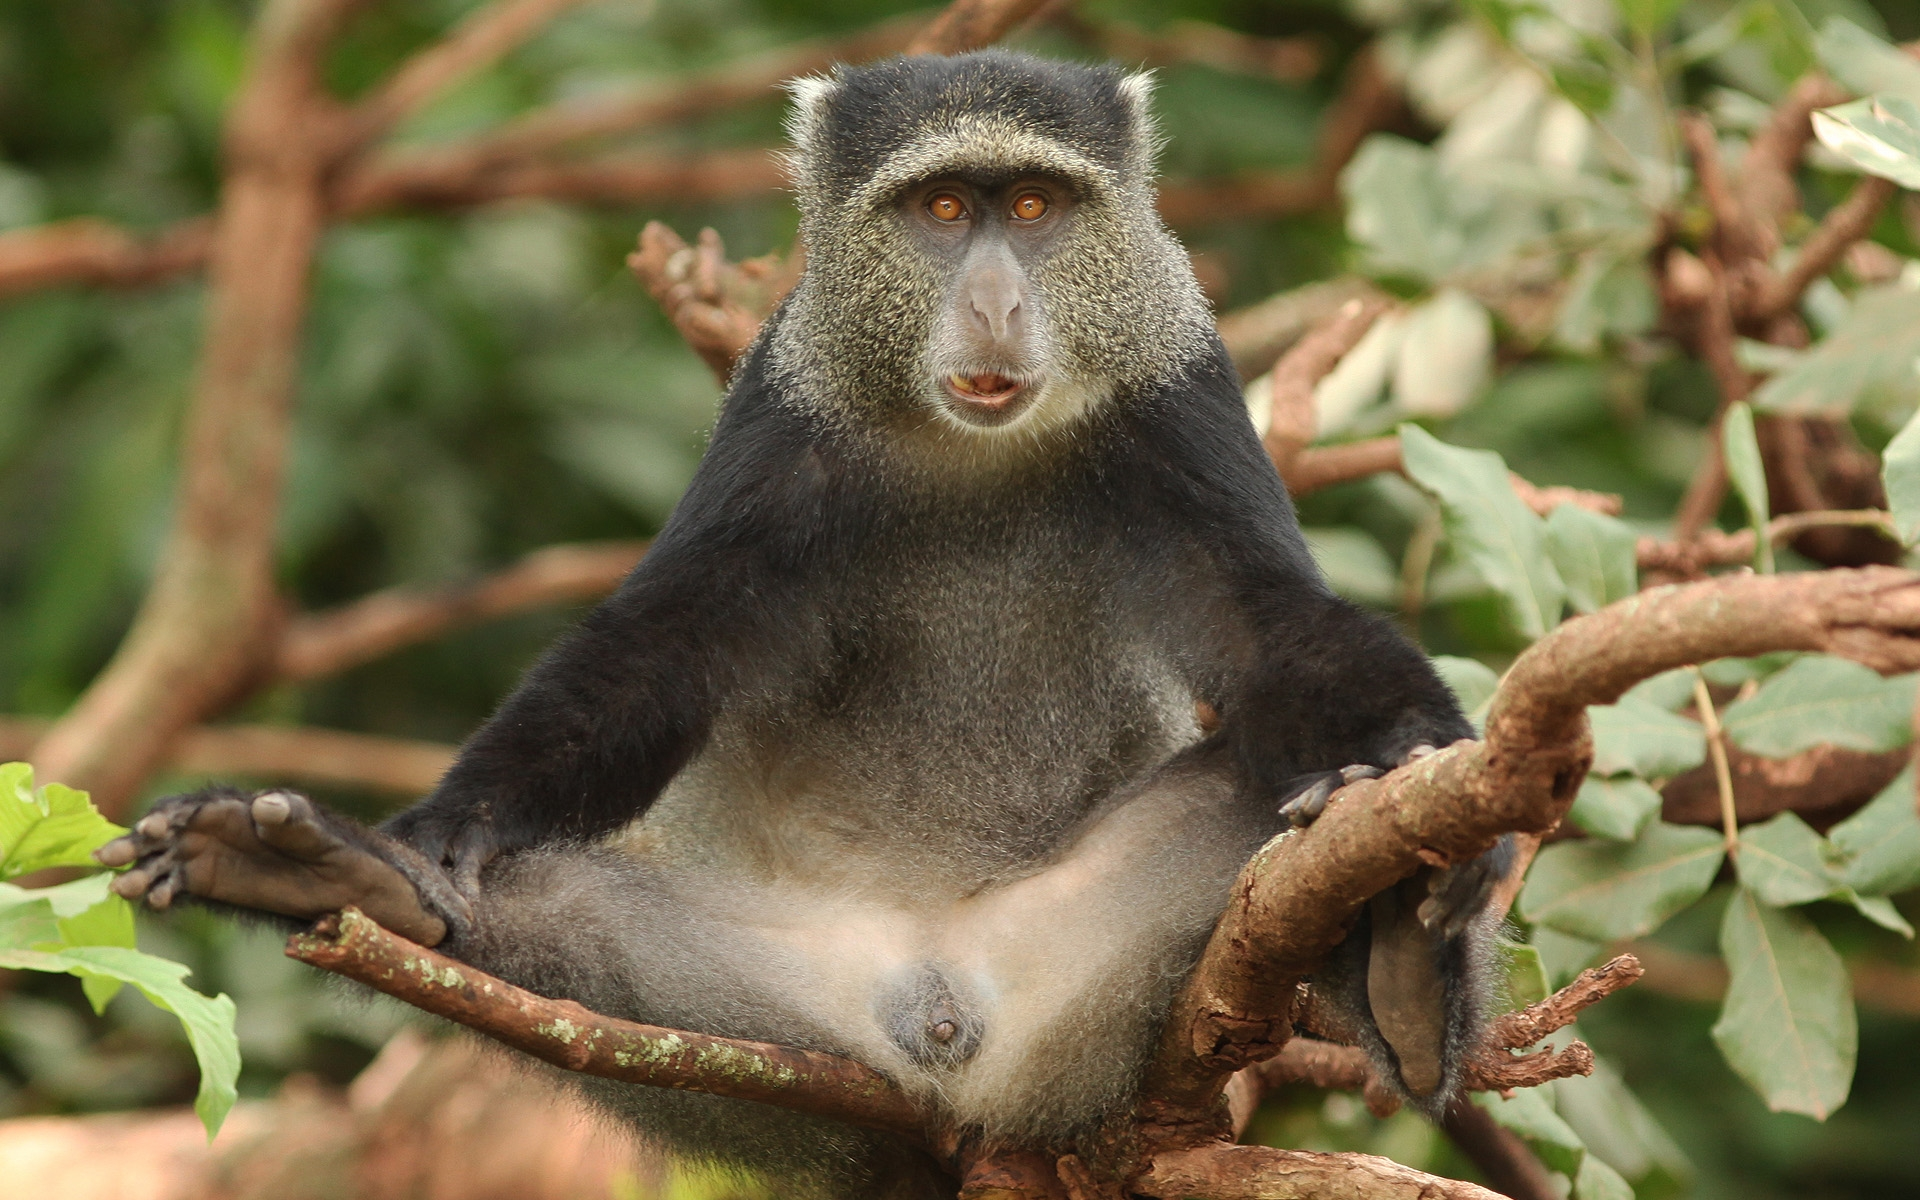 обезьяны на столе картинка румынию, отложите